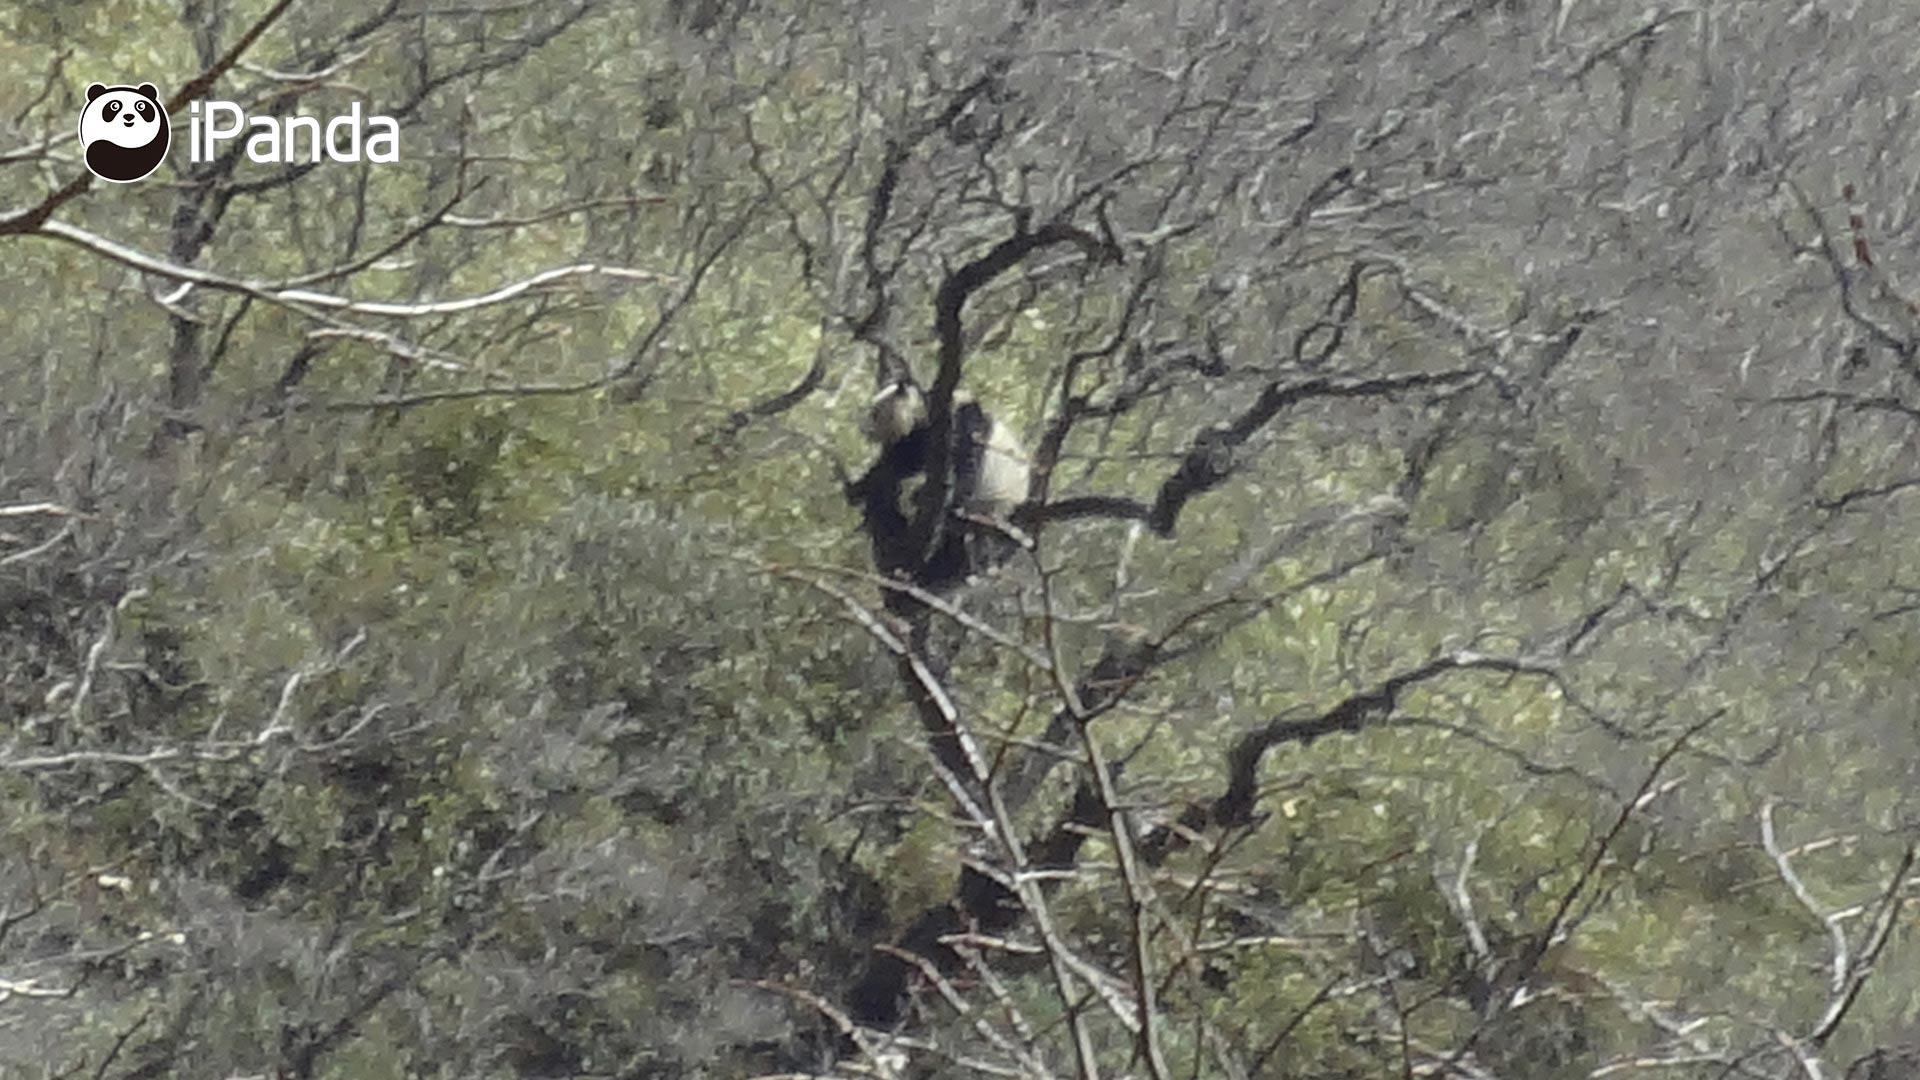 野生大熊猫在树上